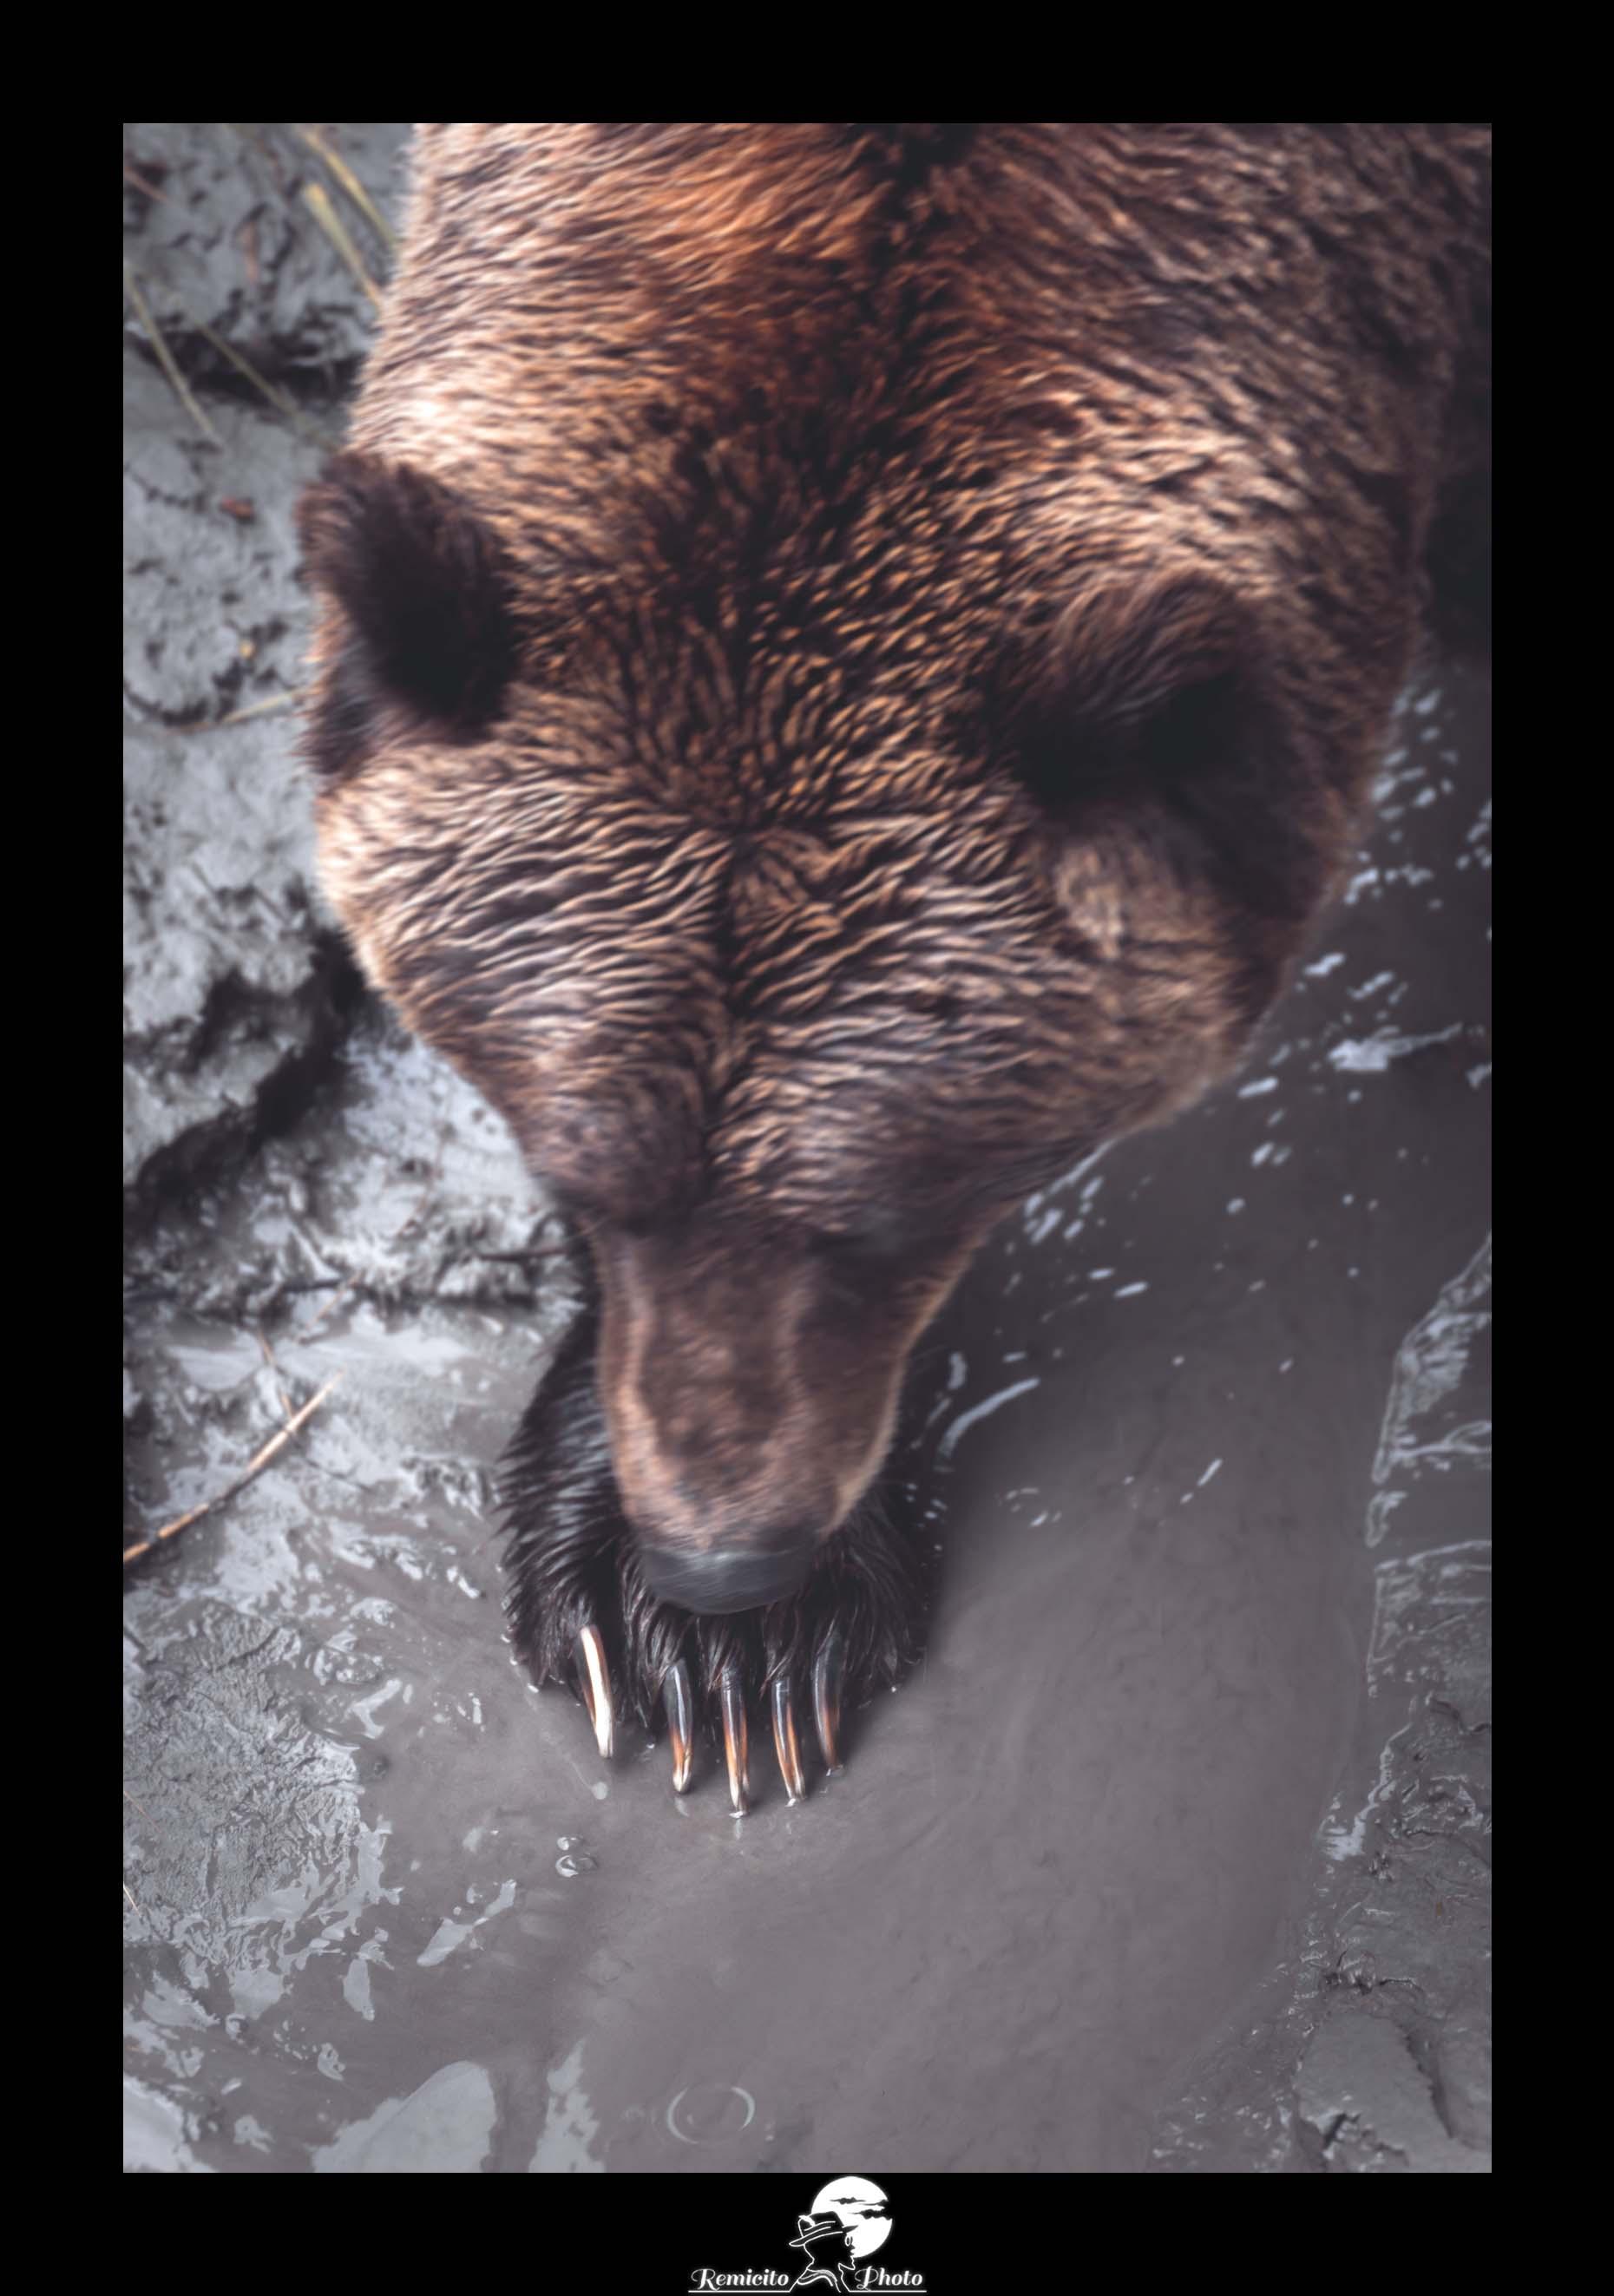 remicito photo, remicito, image du jour, photo du jour, remicito photographe français, belle photo ours, grizzly alaska photo, griffes ours photo, bear alaska, belle photo idée cadeau ours